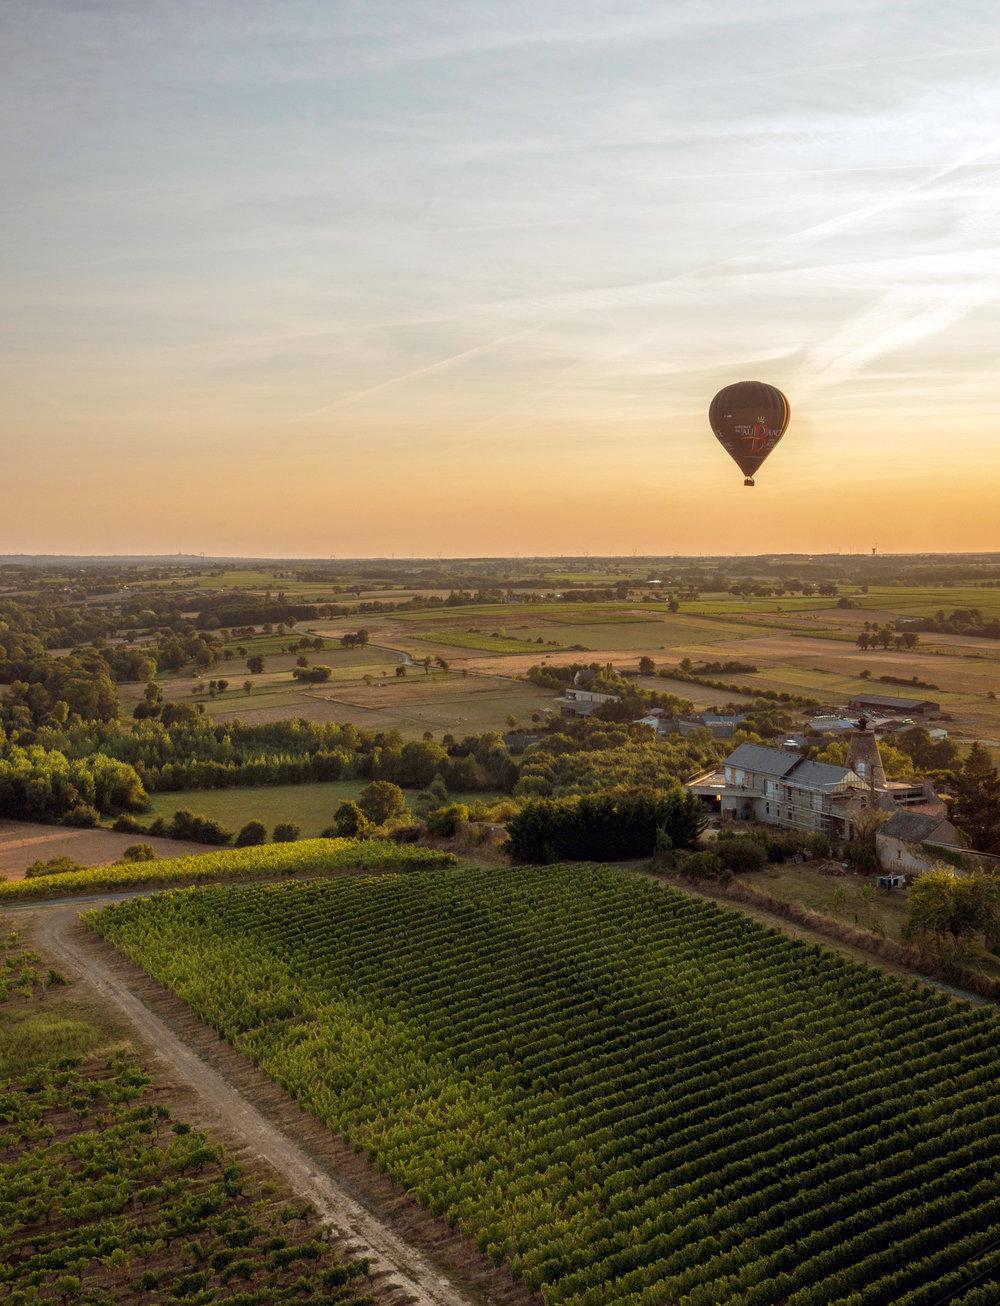 Loire Valley France, Hot Air Balloon Ride